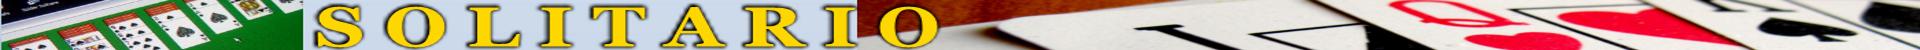 Solitario Spider – Jugar Juegos de Cartas Online Gratís!